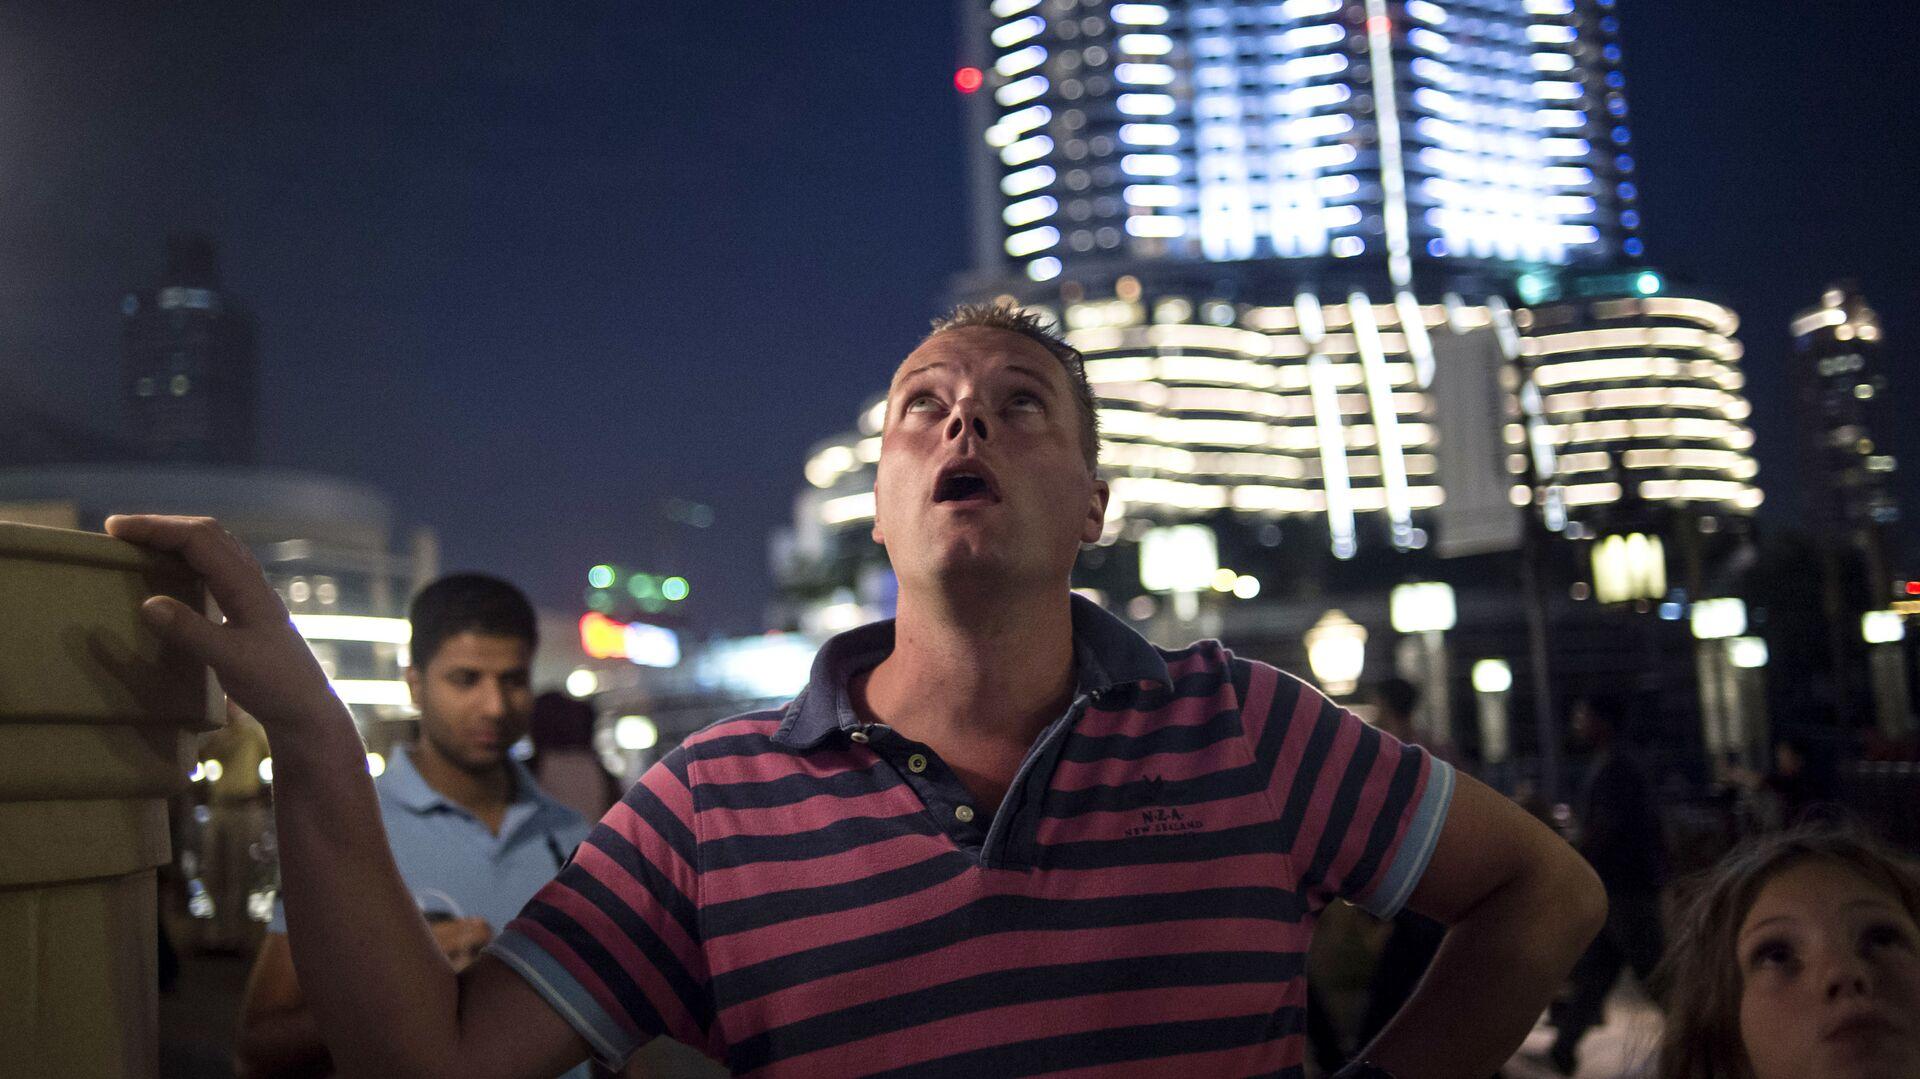 Турист смотрит на самый большой небоскреб Бурдж-Халифа в Дубае. - Sputnik Таджикистан, 1920, 09.09.2021